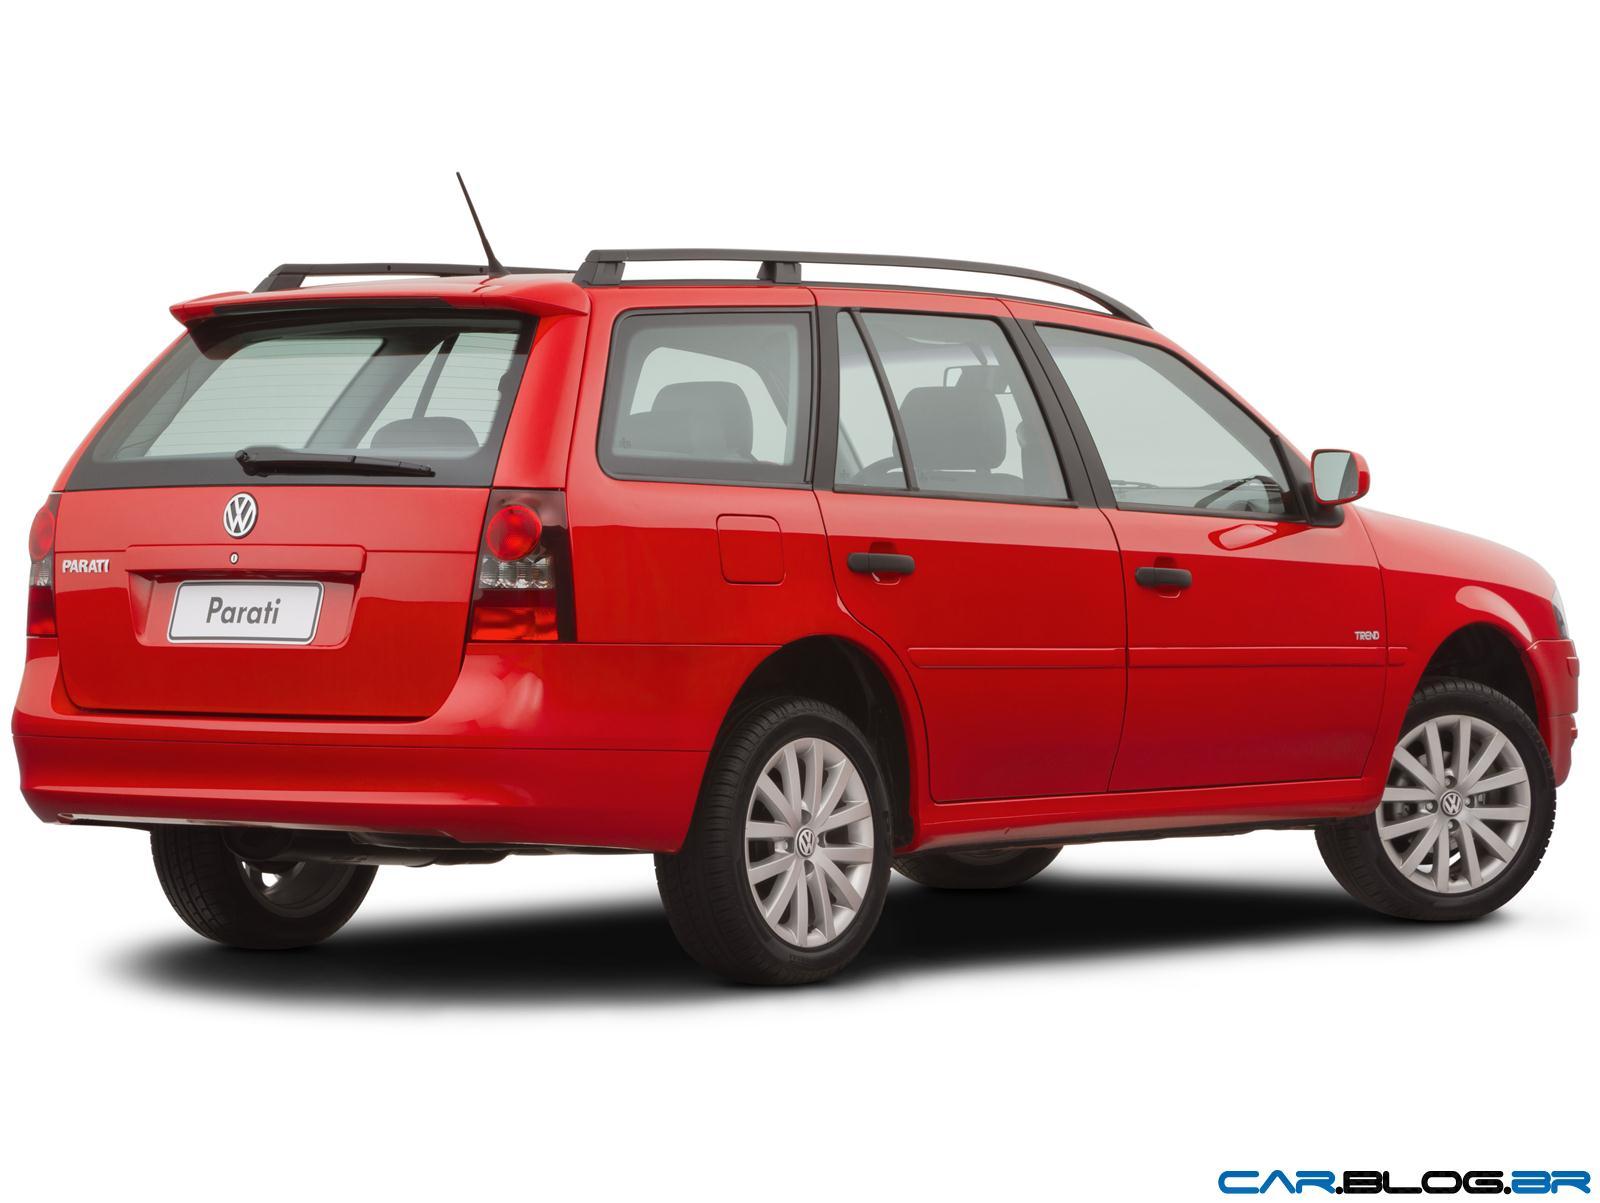 VW Parati 2013 Trend e Surf: fotos, preços e ficha técnica